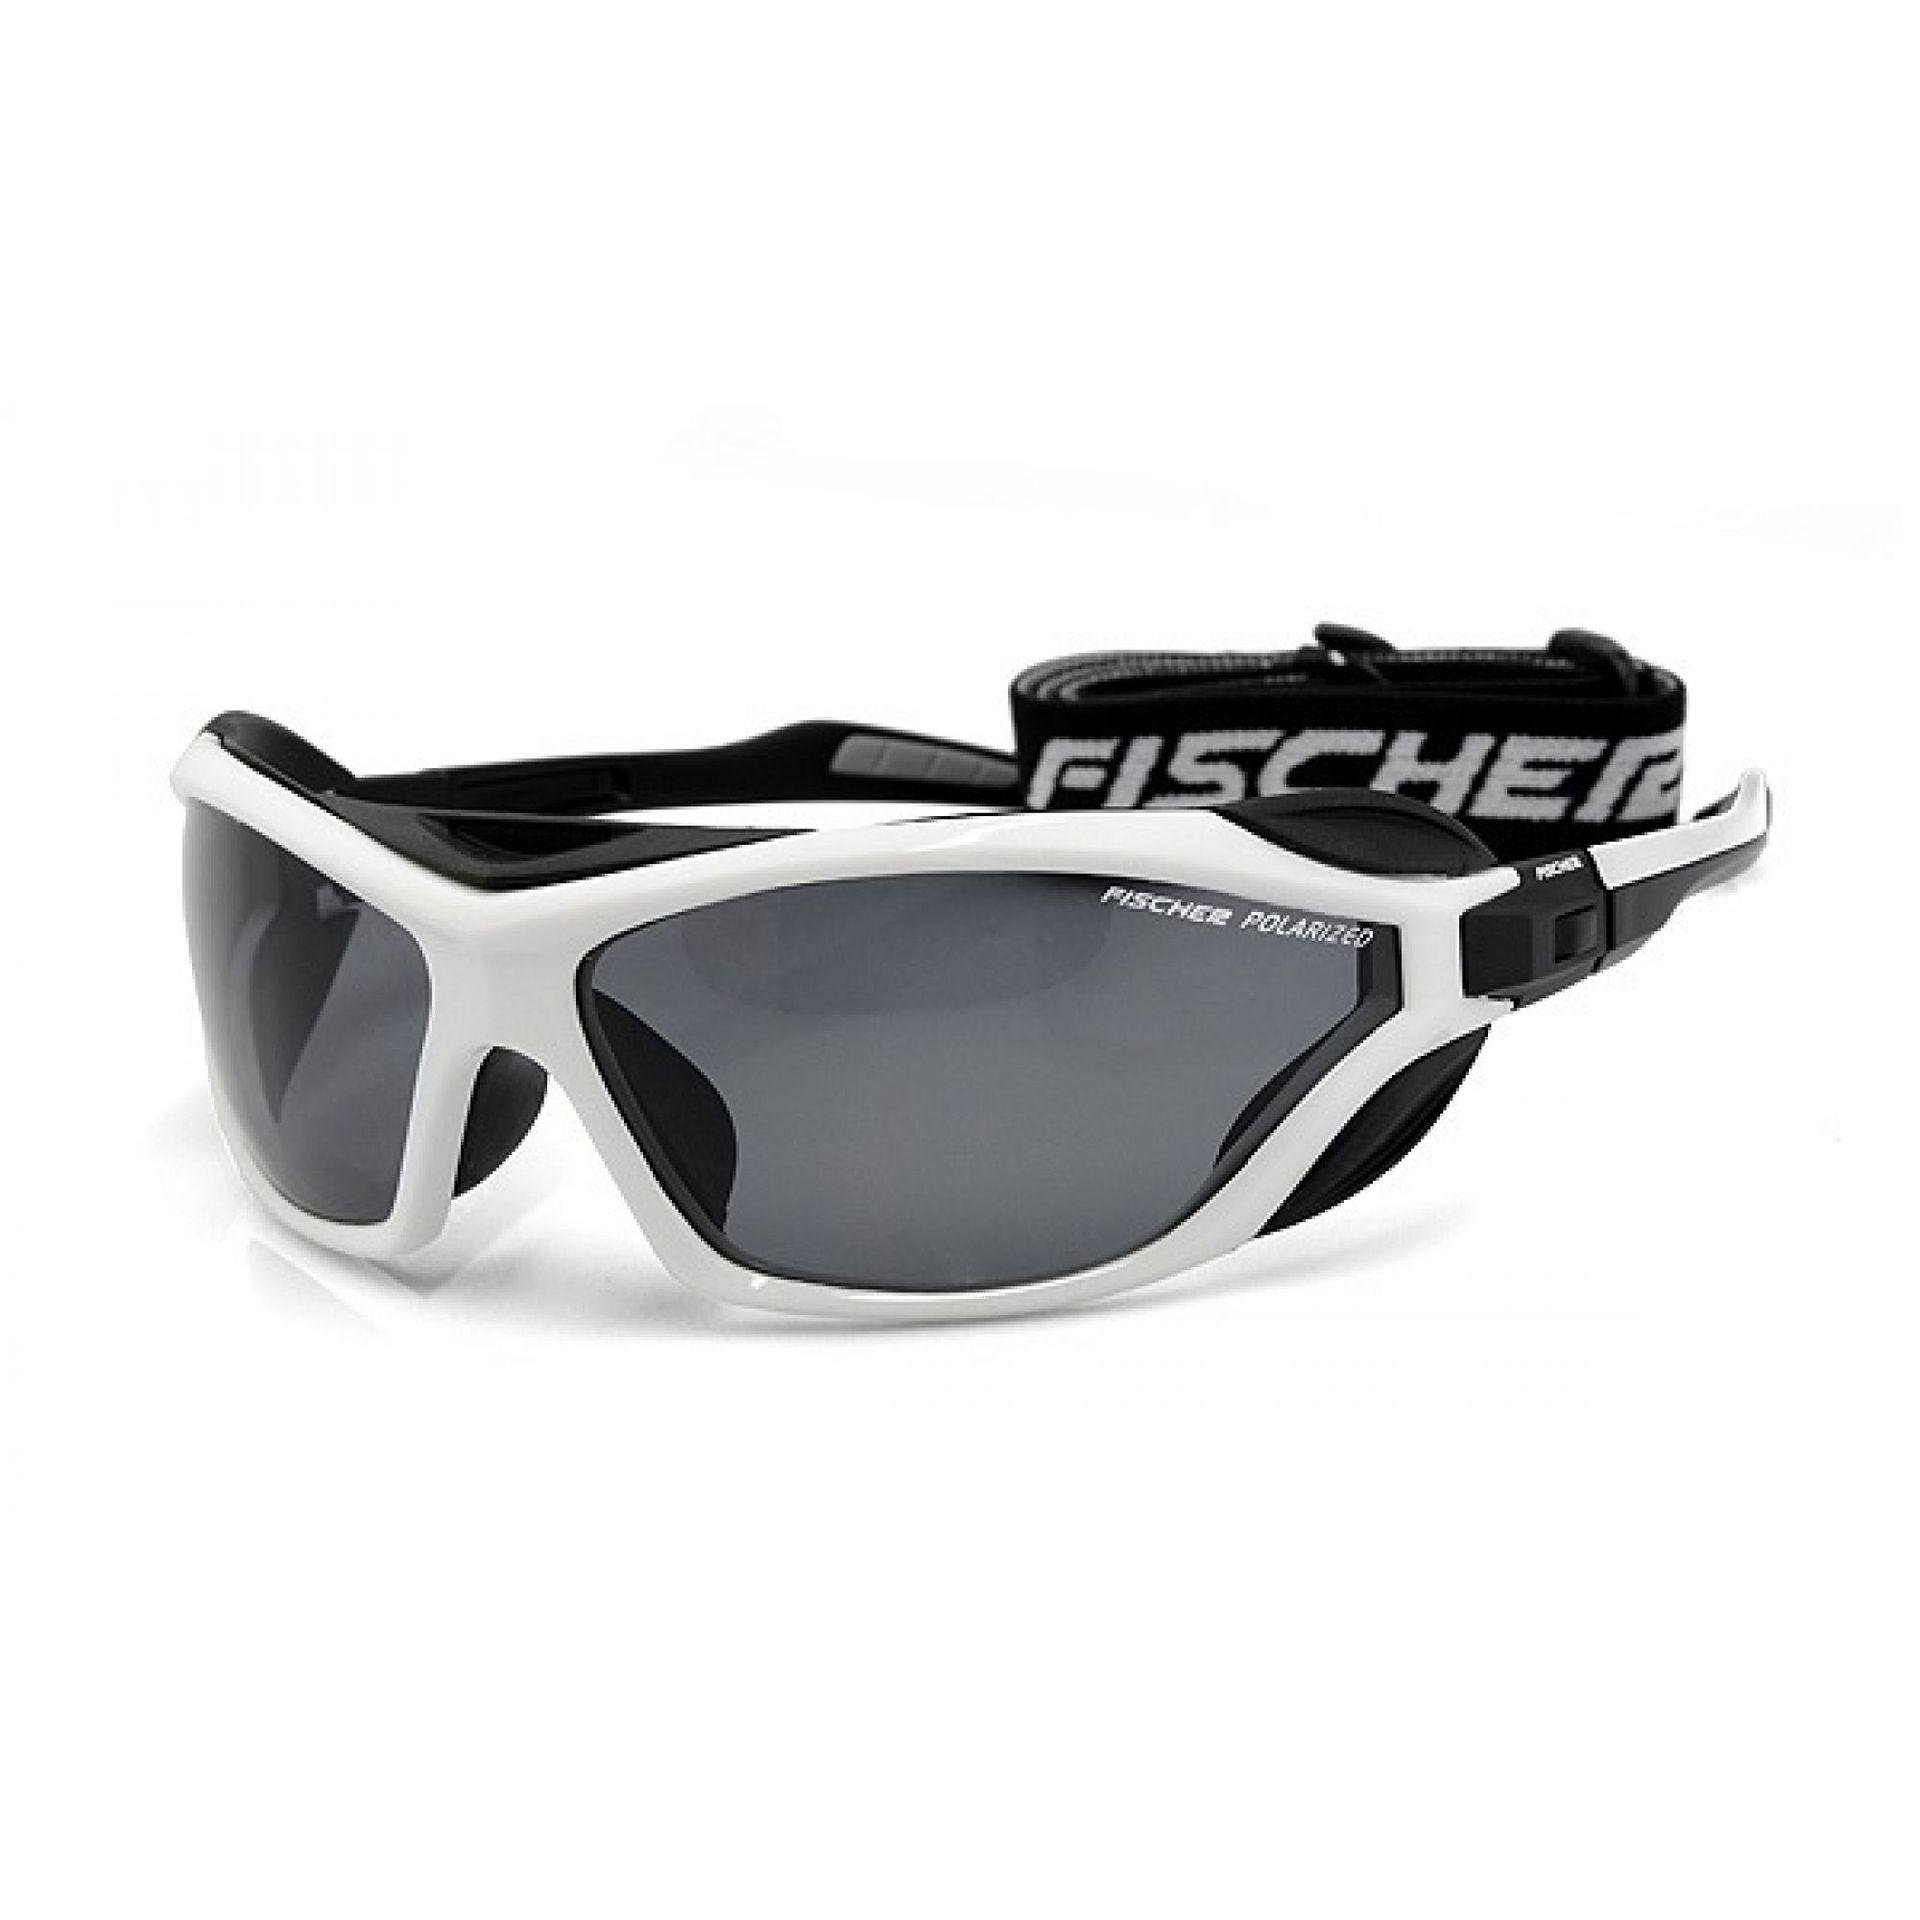 Okulaty Fischer FS19  czarny biały